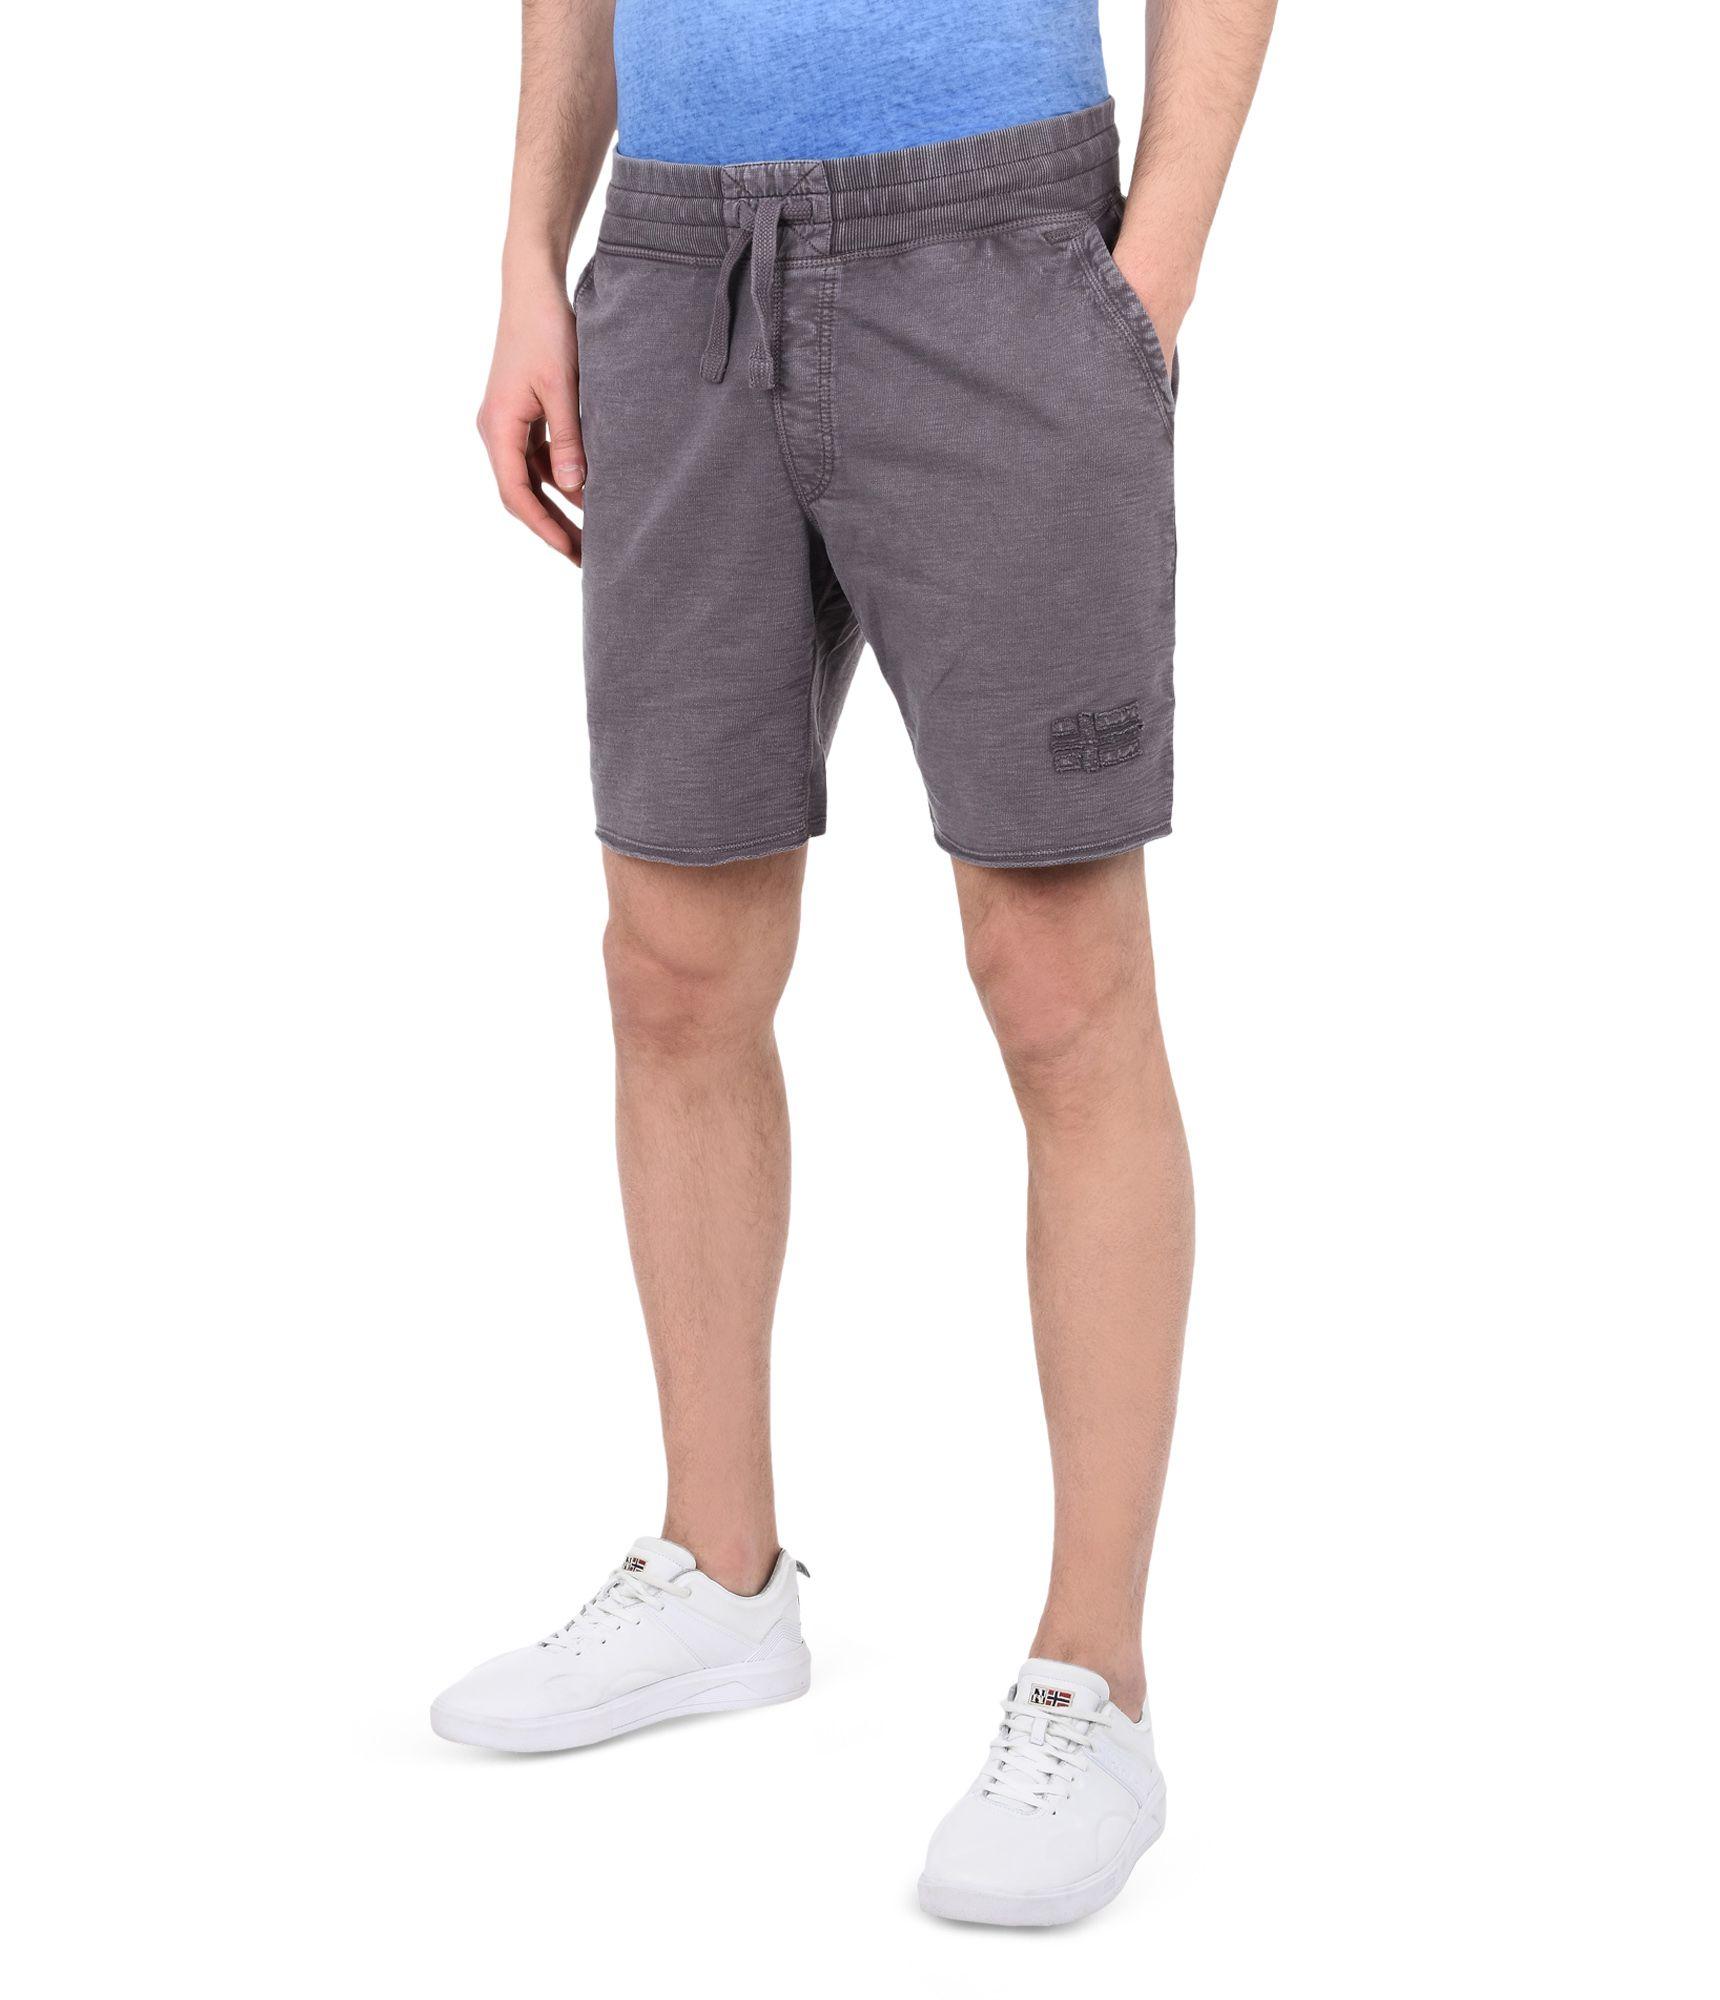 Artikel klicken und genauer betrachten! - Fleece-Shorts Vintage-Effektbehandlung Elastischer Tunnelzugbund Vier Taschen Grafikelemente | im Online Shop kaufen